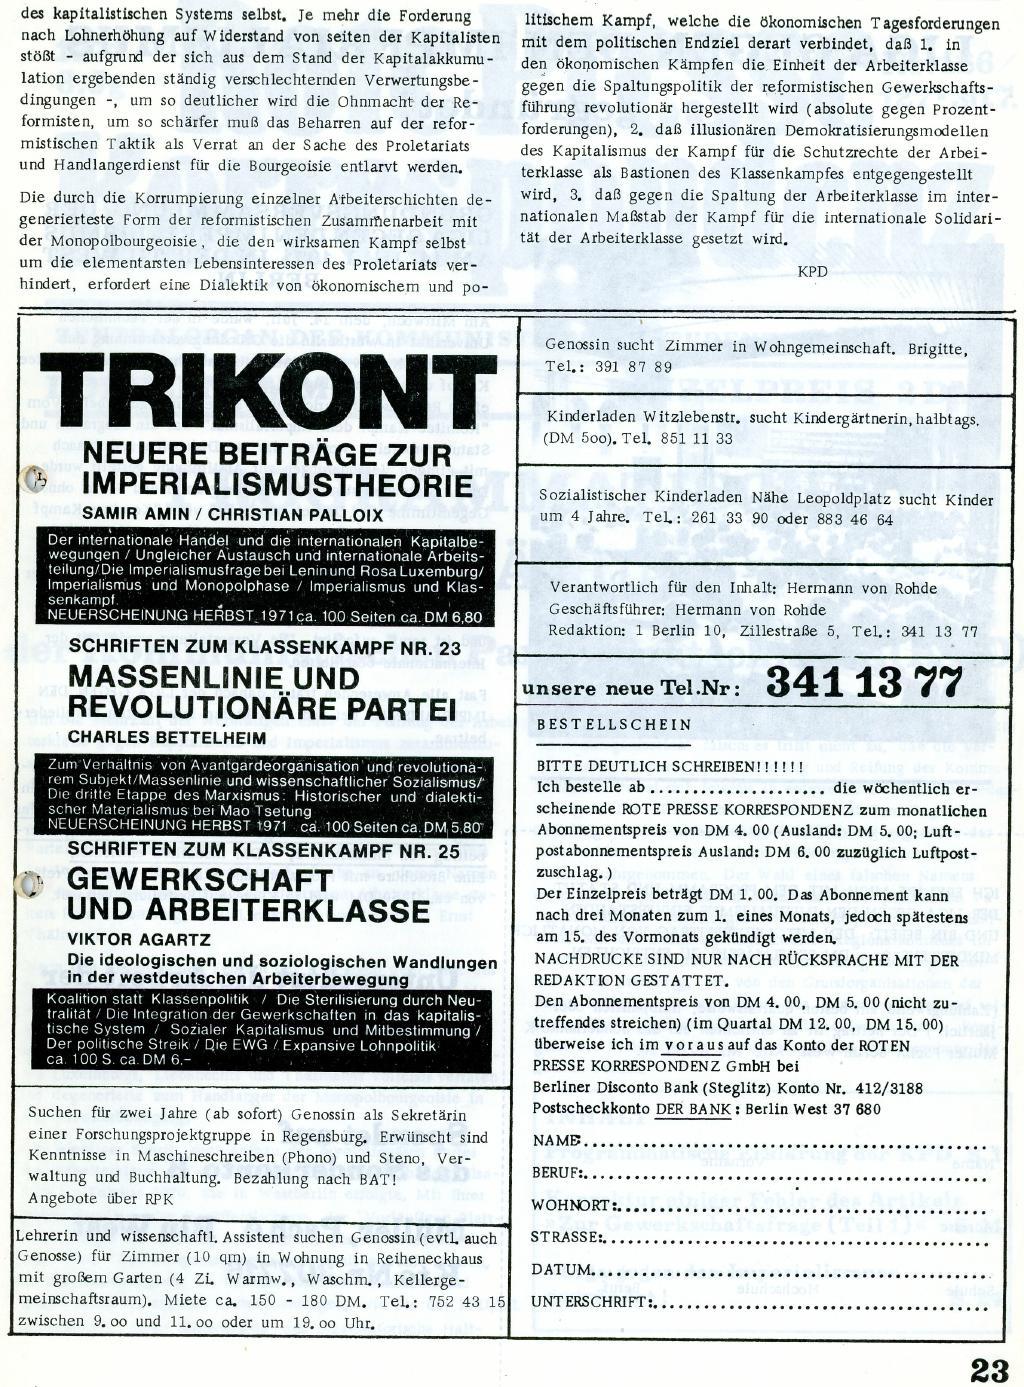 RPK_1971_126_127_23